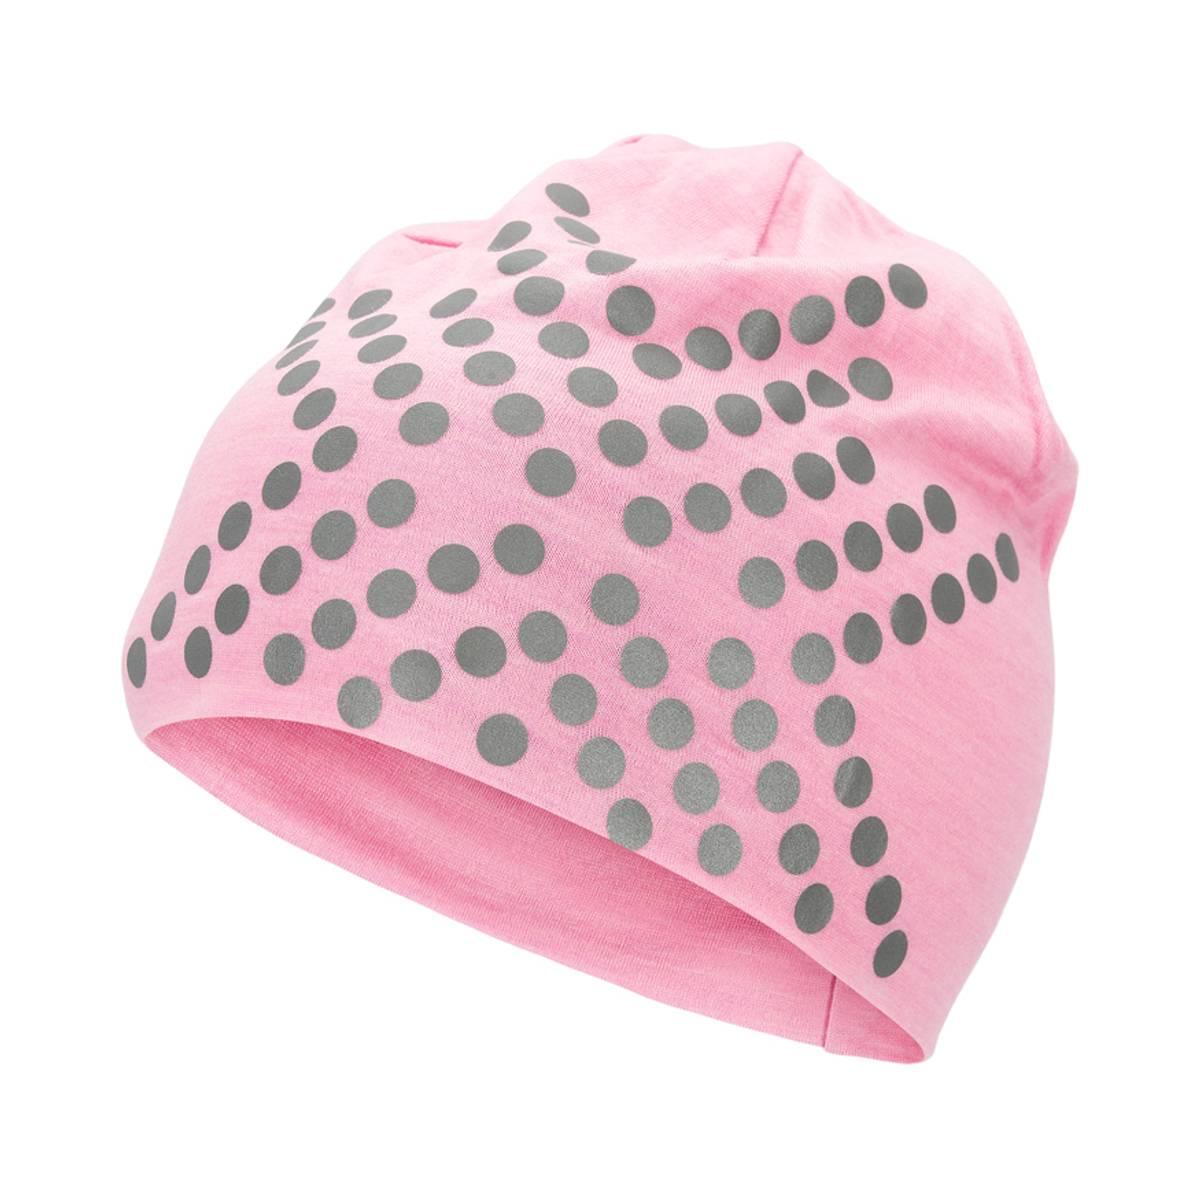 Morild Sølvfaks lue med refleks, lys rosa